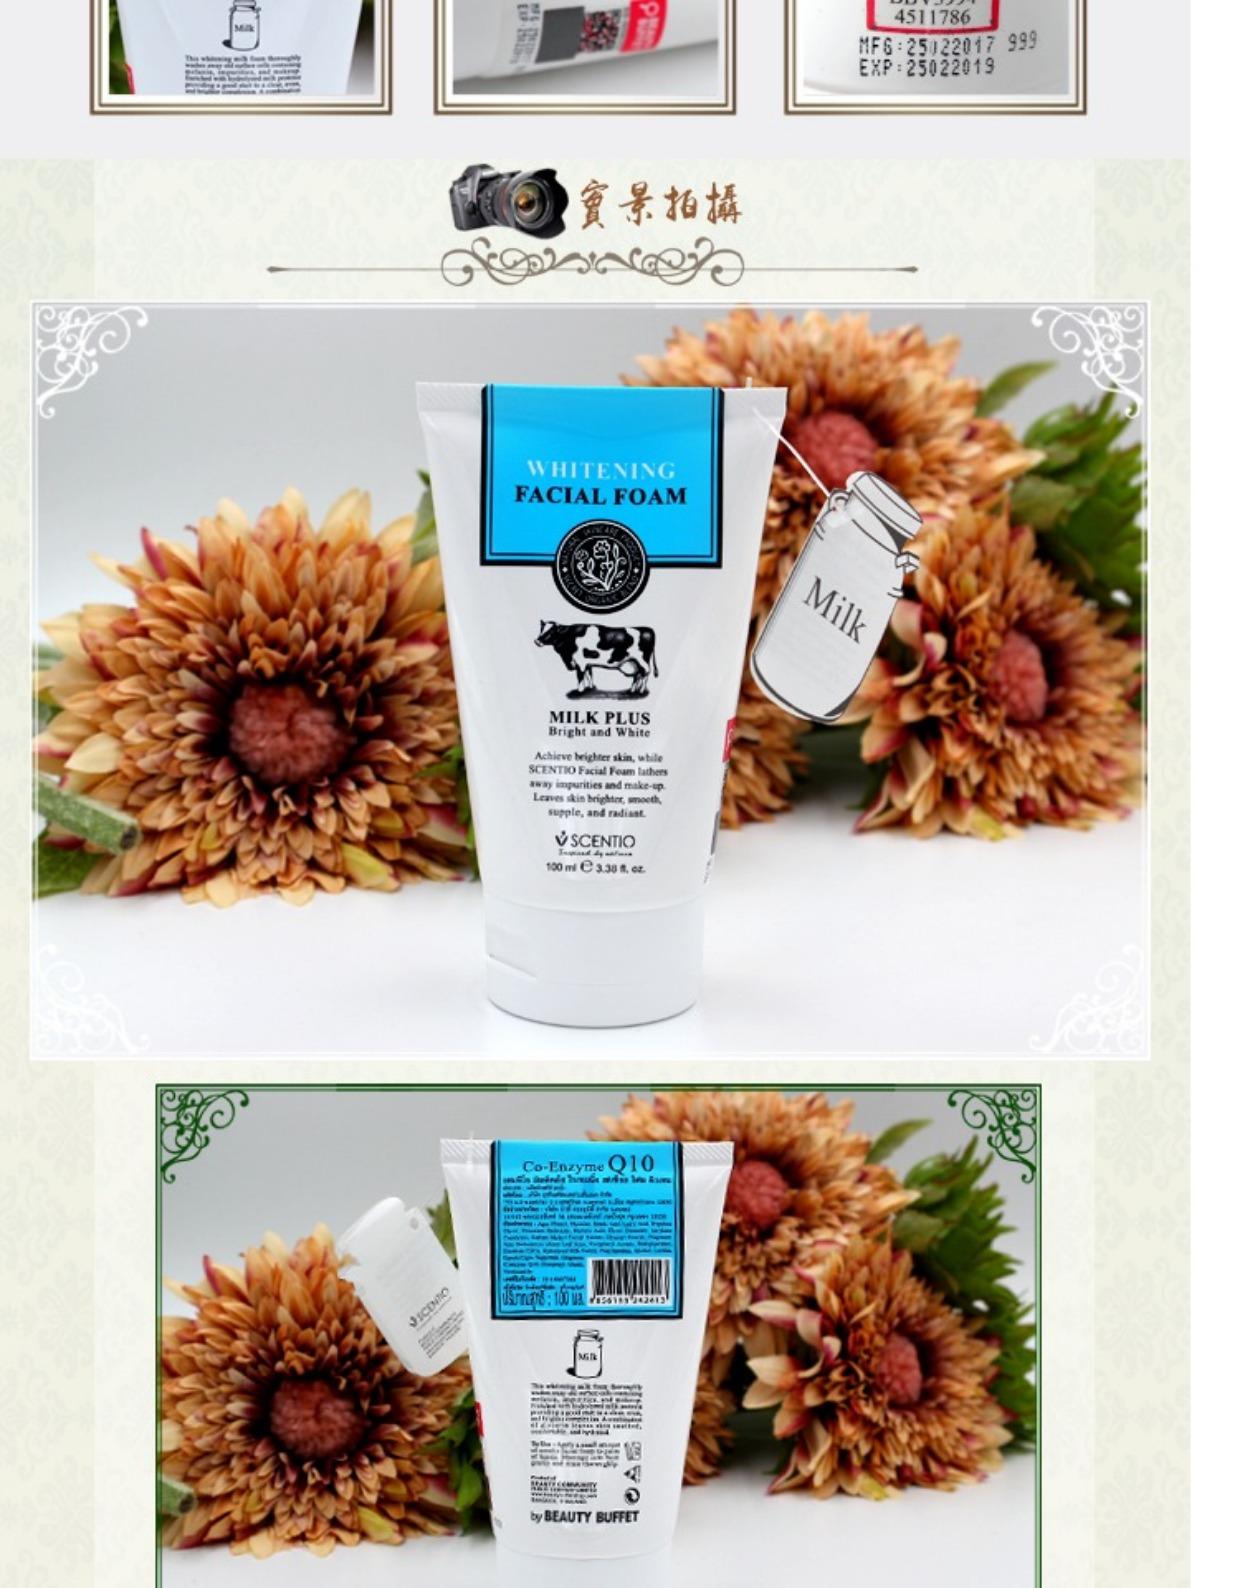 天天特价泰国BeautyBuffet Q10牛奶洗面奶 补水保湿氨基酸洁面乳5张